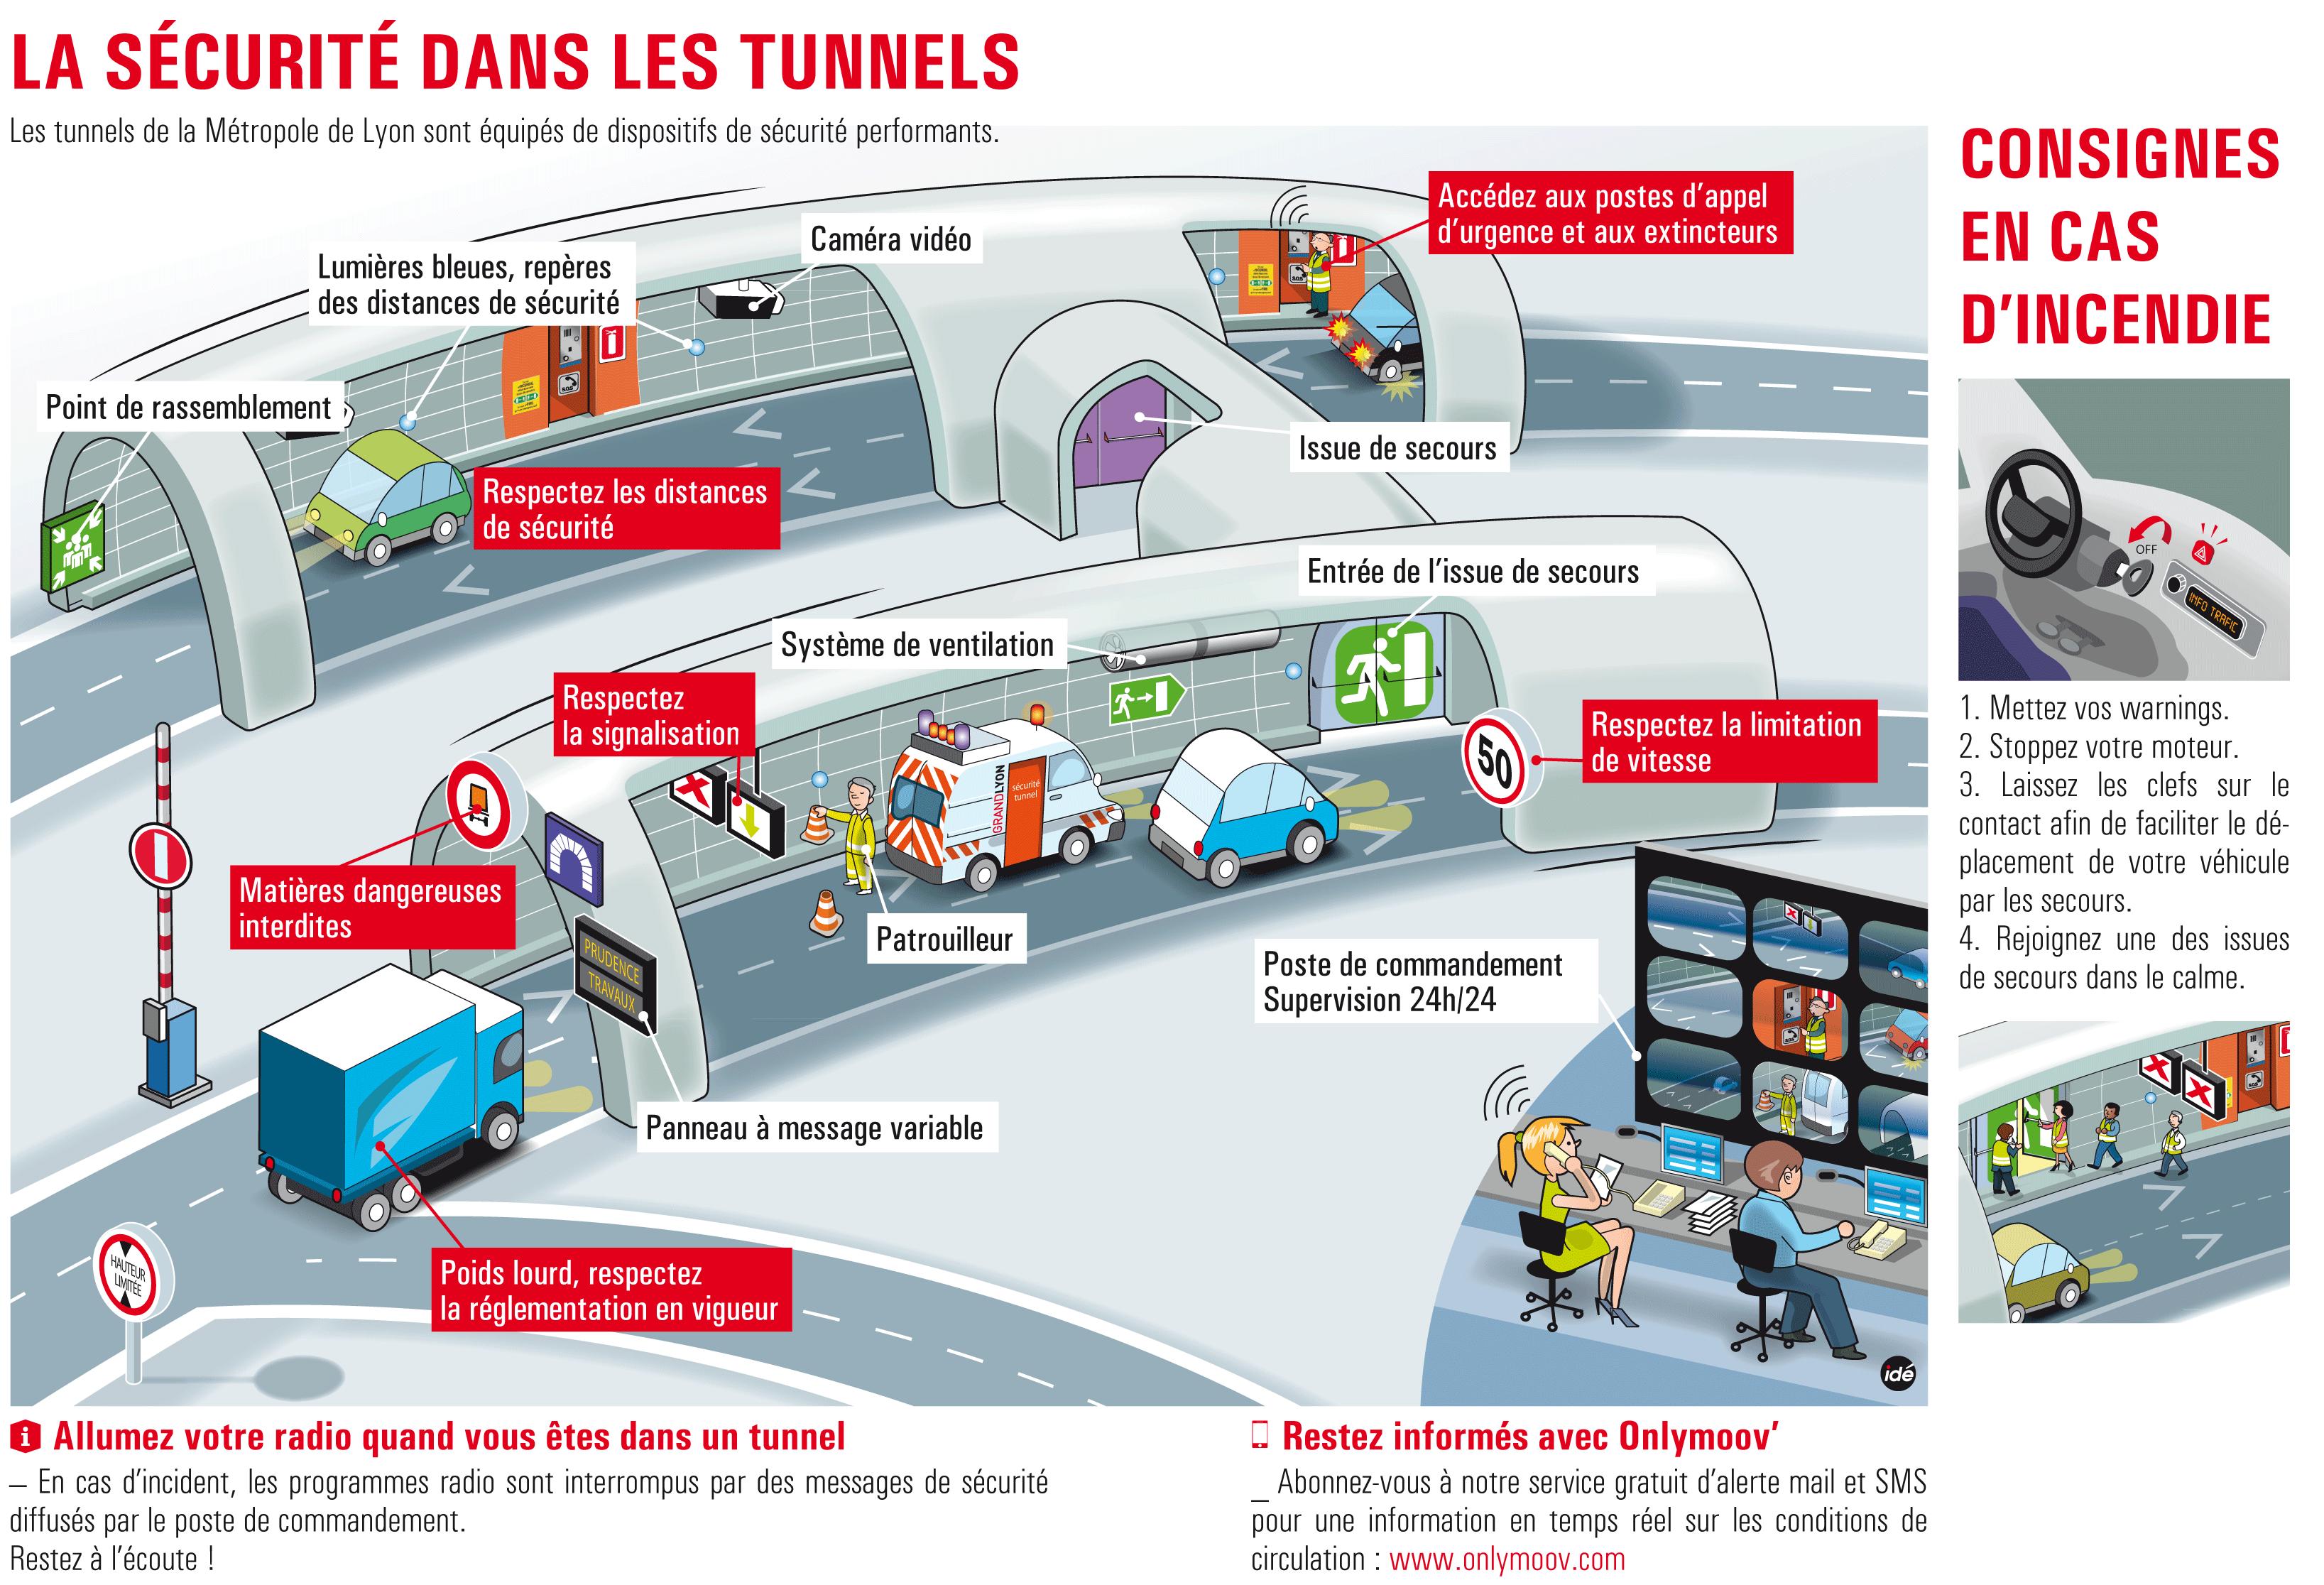 Les tunnels de la Métropole de Lyon sont équipés de système de sécurité permformants